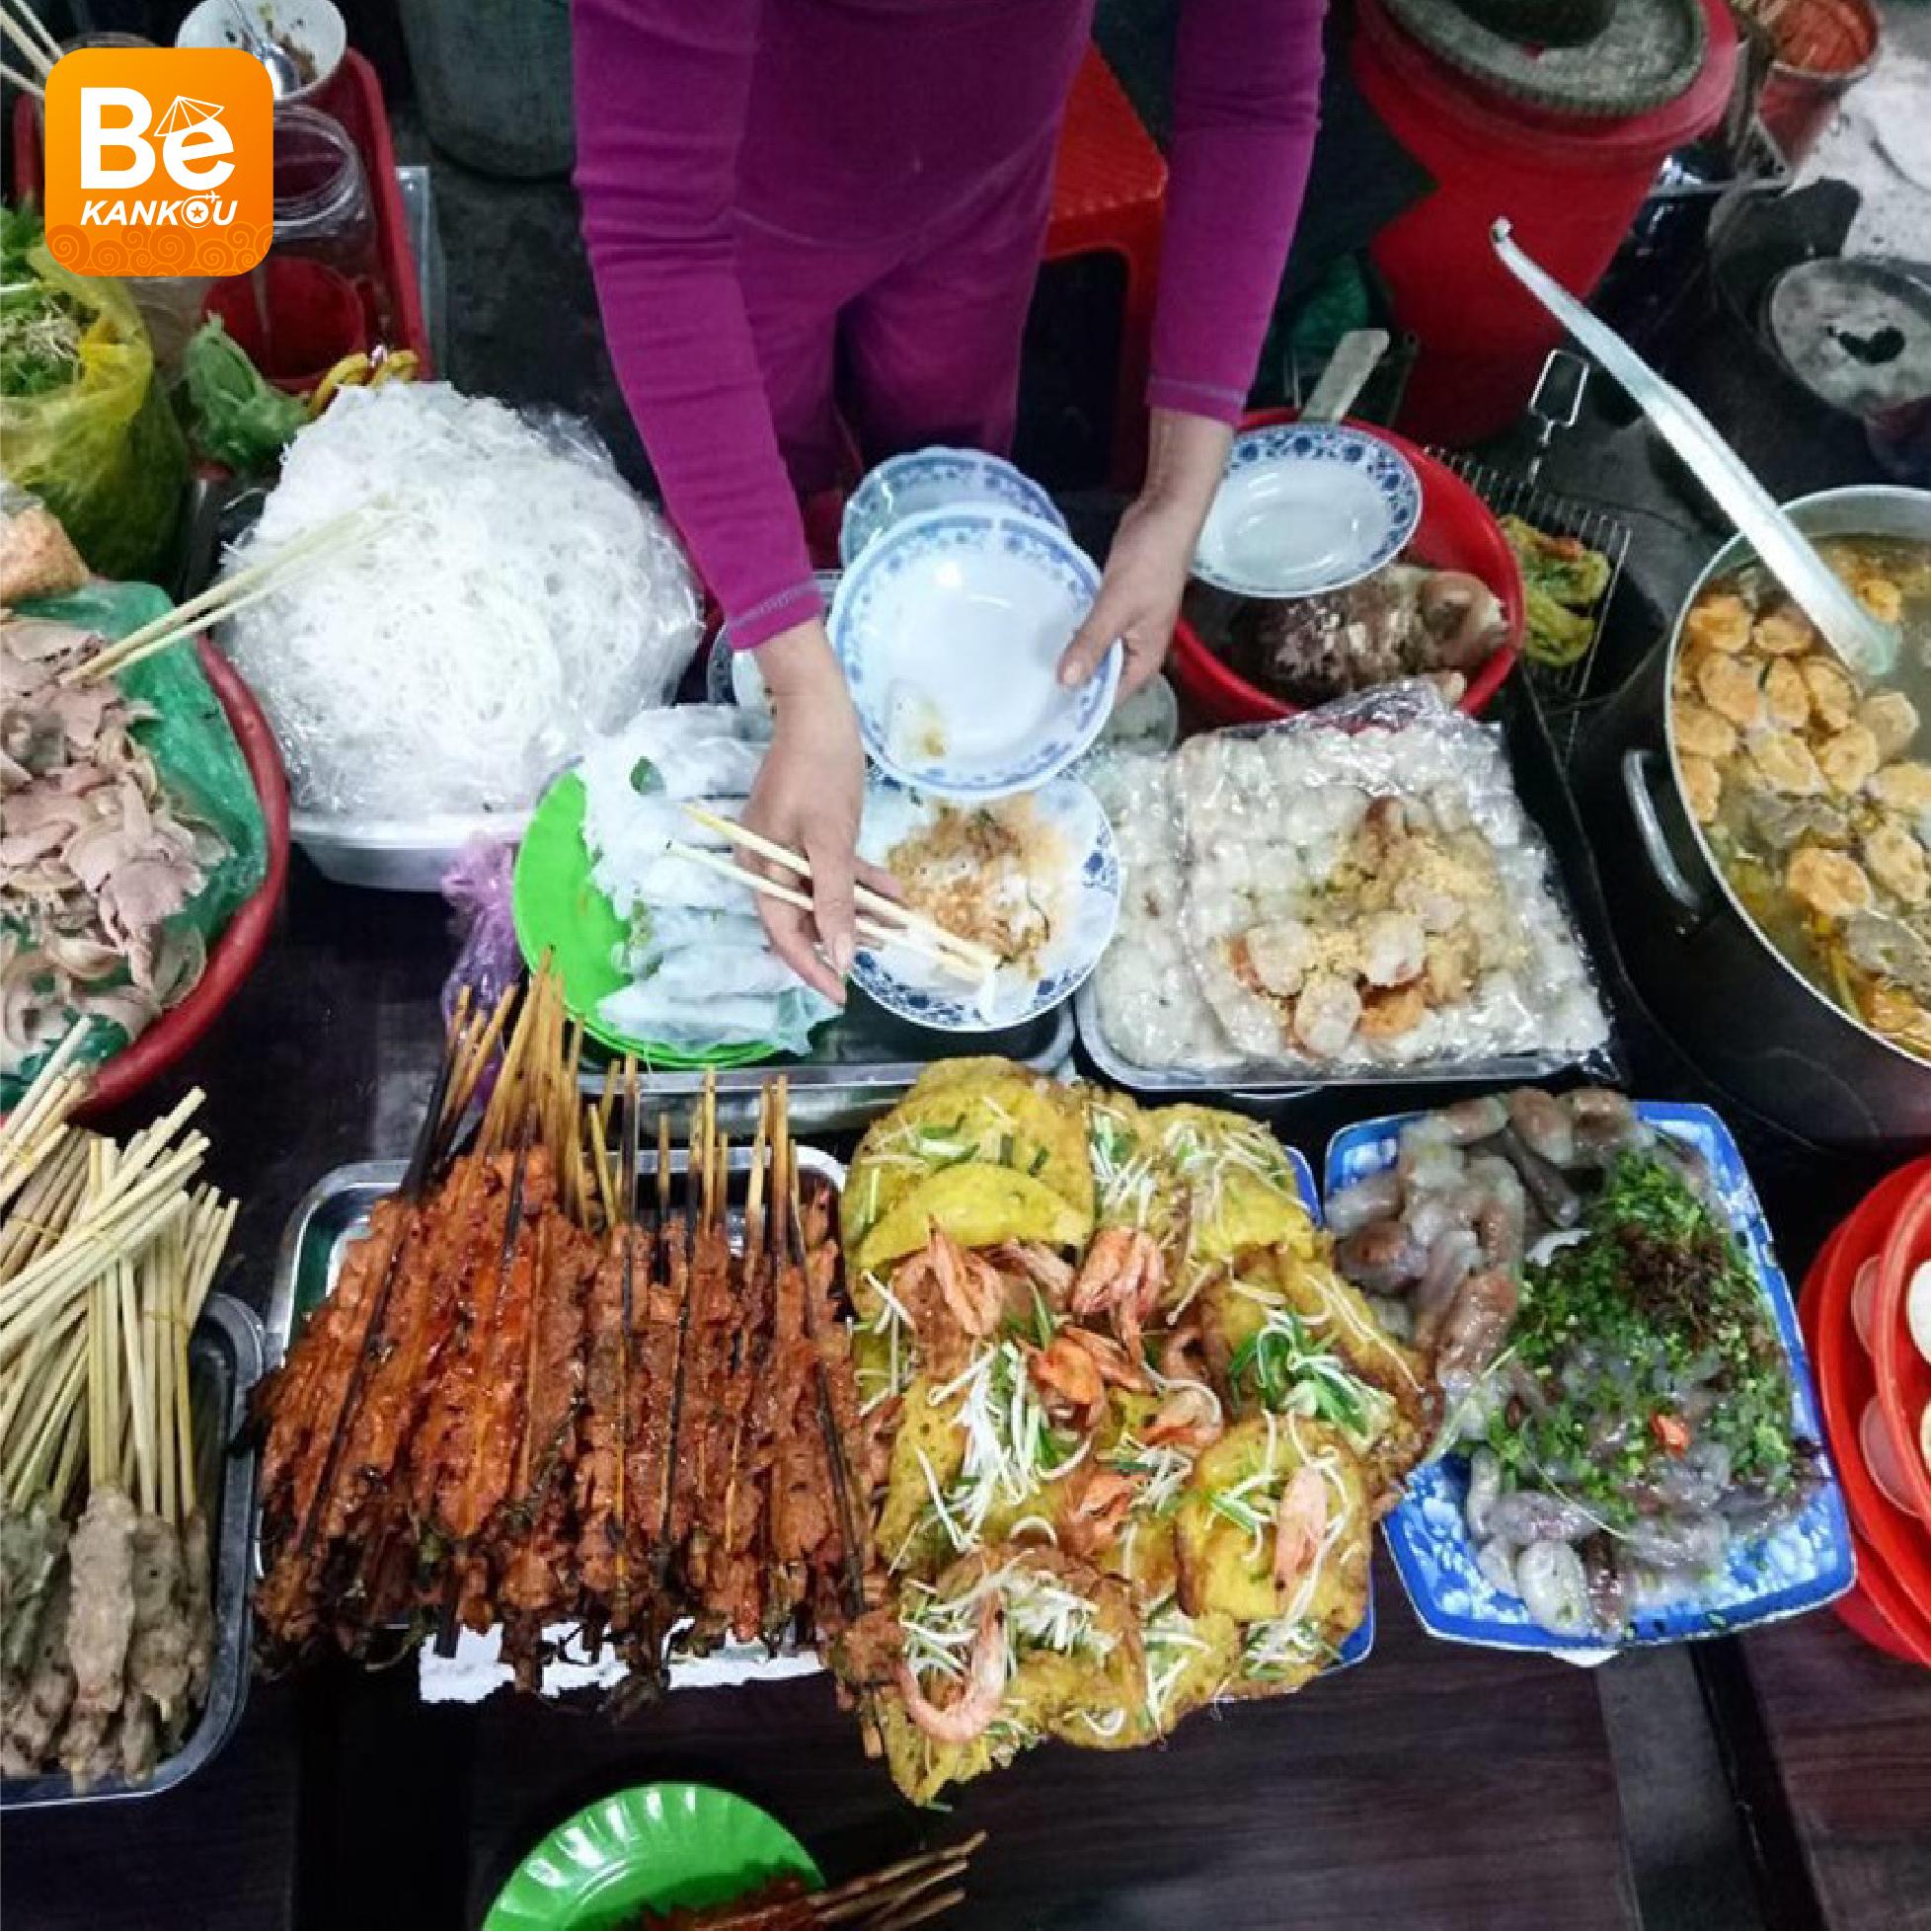 ベトナム観光時のおすすめ:フエにおける料理の楽園を発見:見逃せない食べ物9